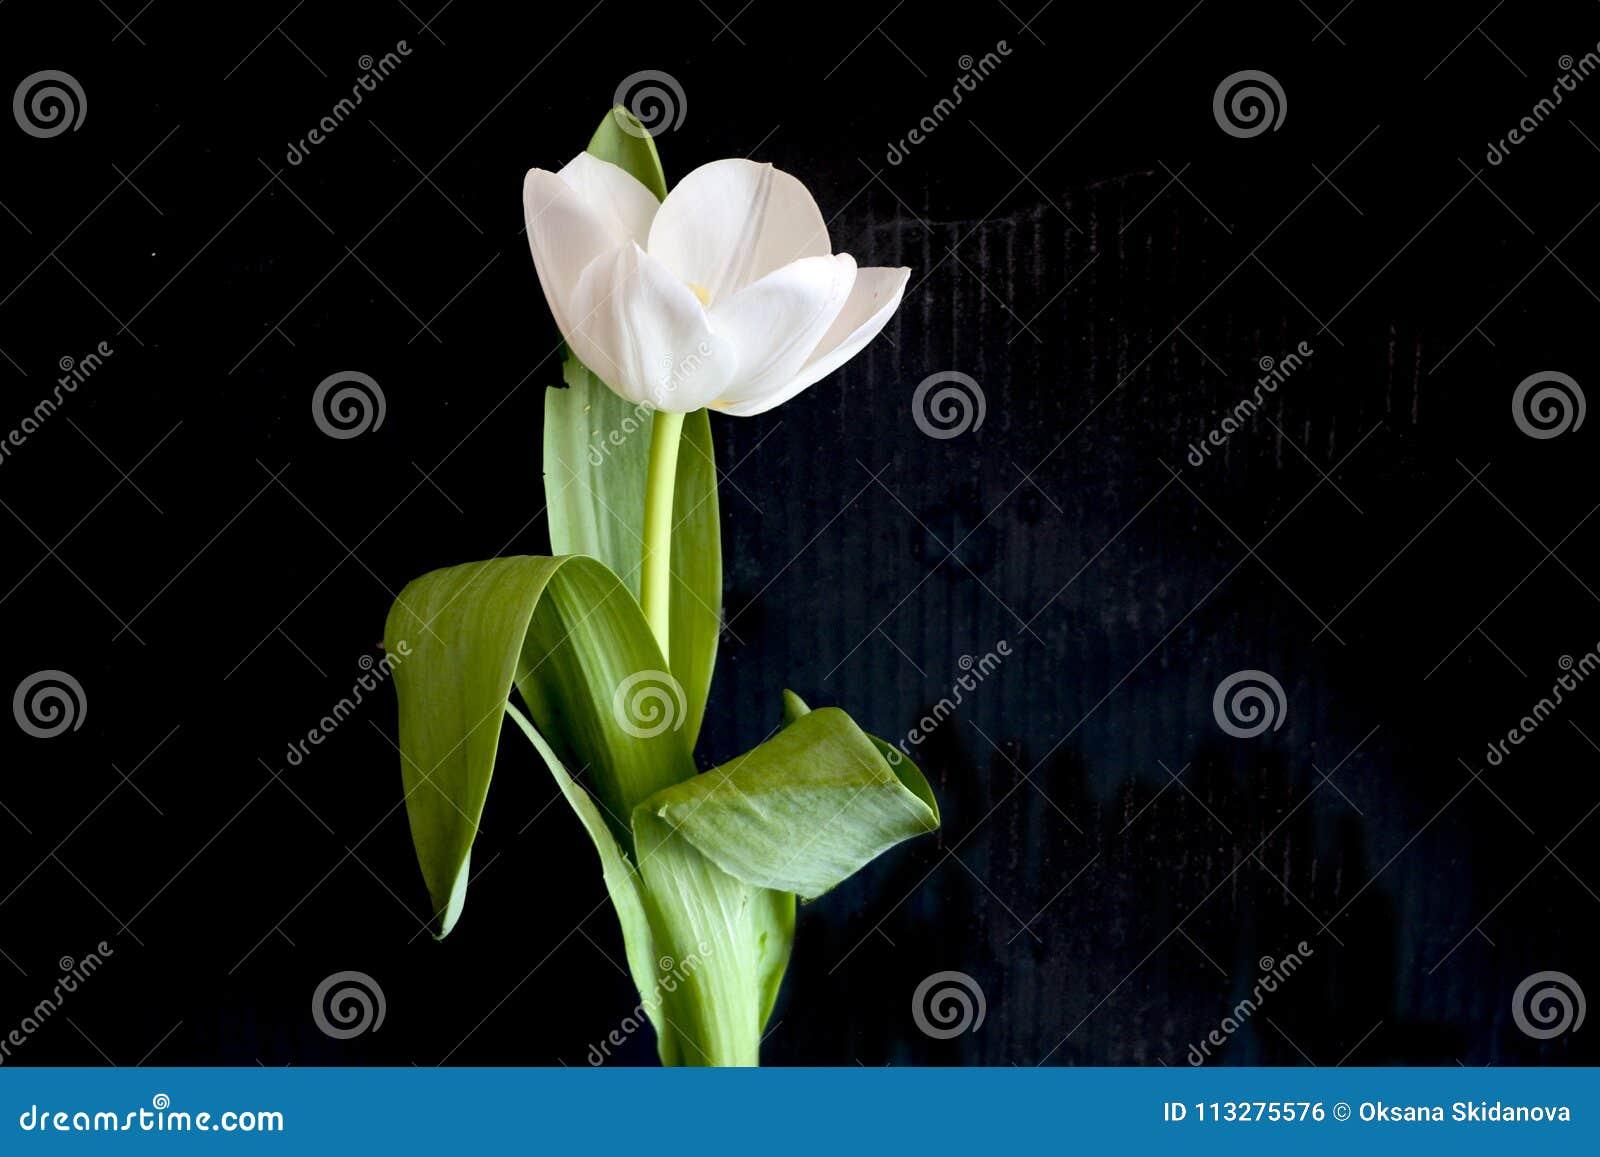 Tulipe Blanche Sur Un Fond Noir Une Fleur Sensible De Tulipe Avec